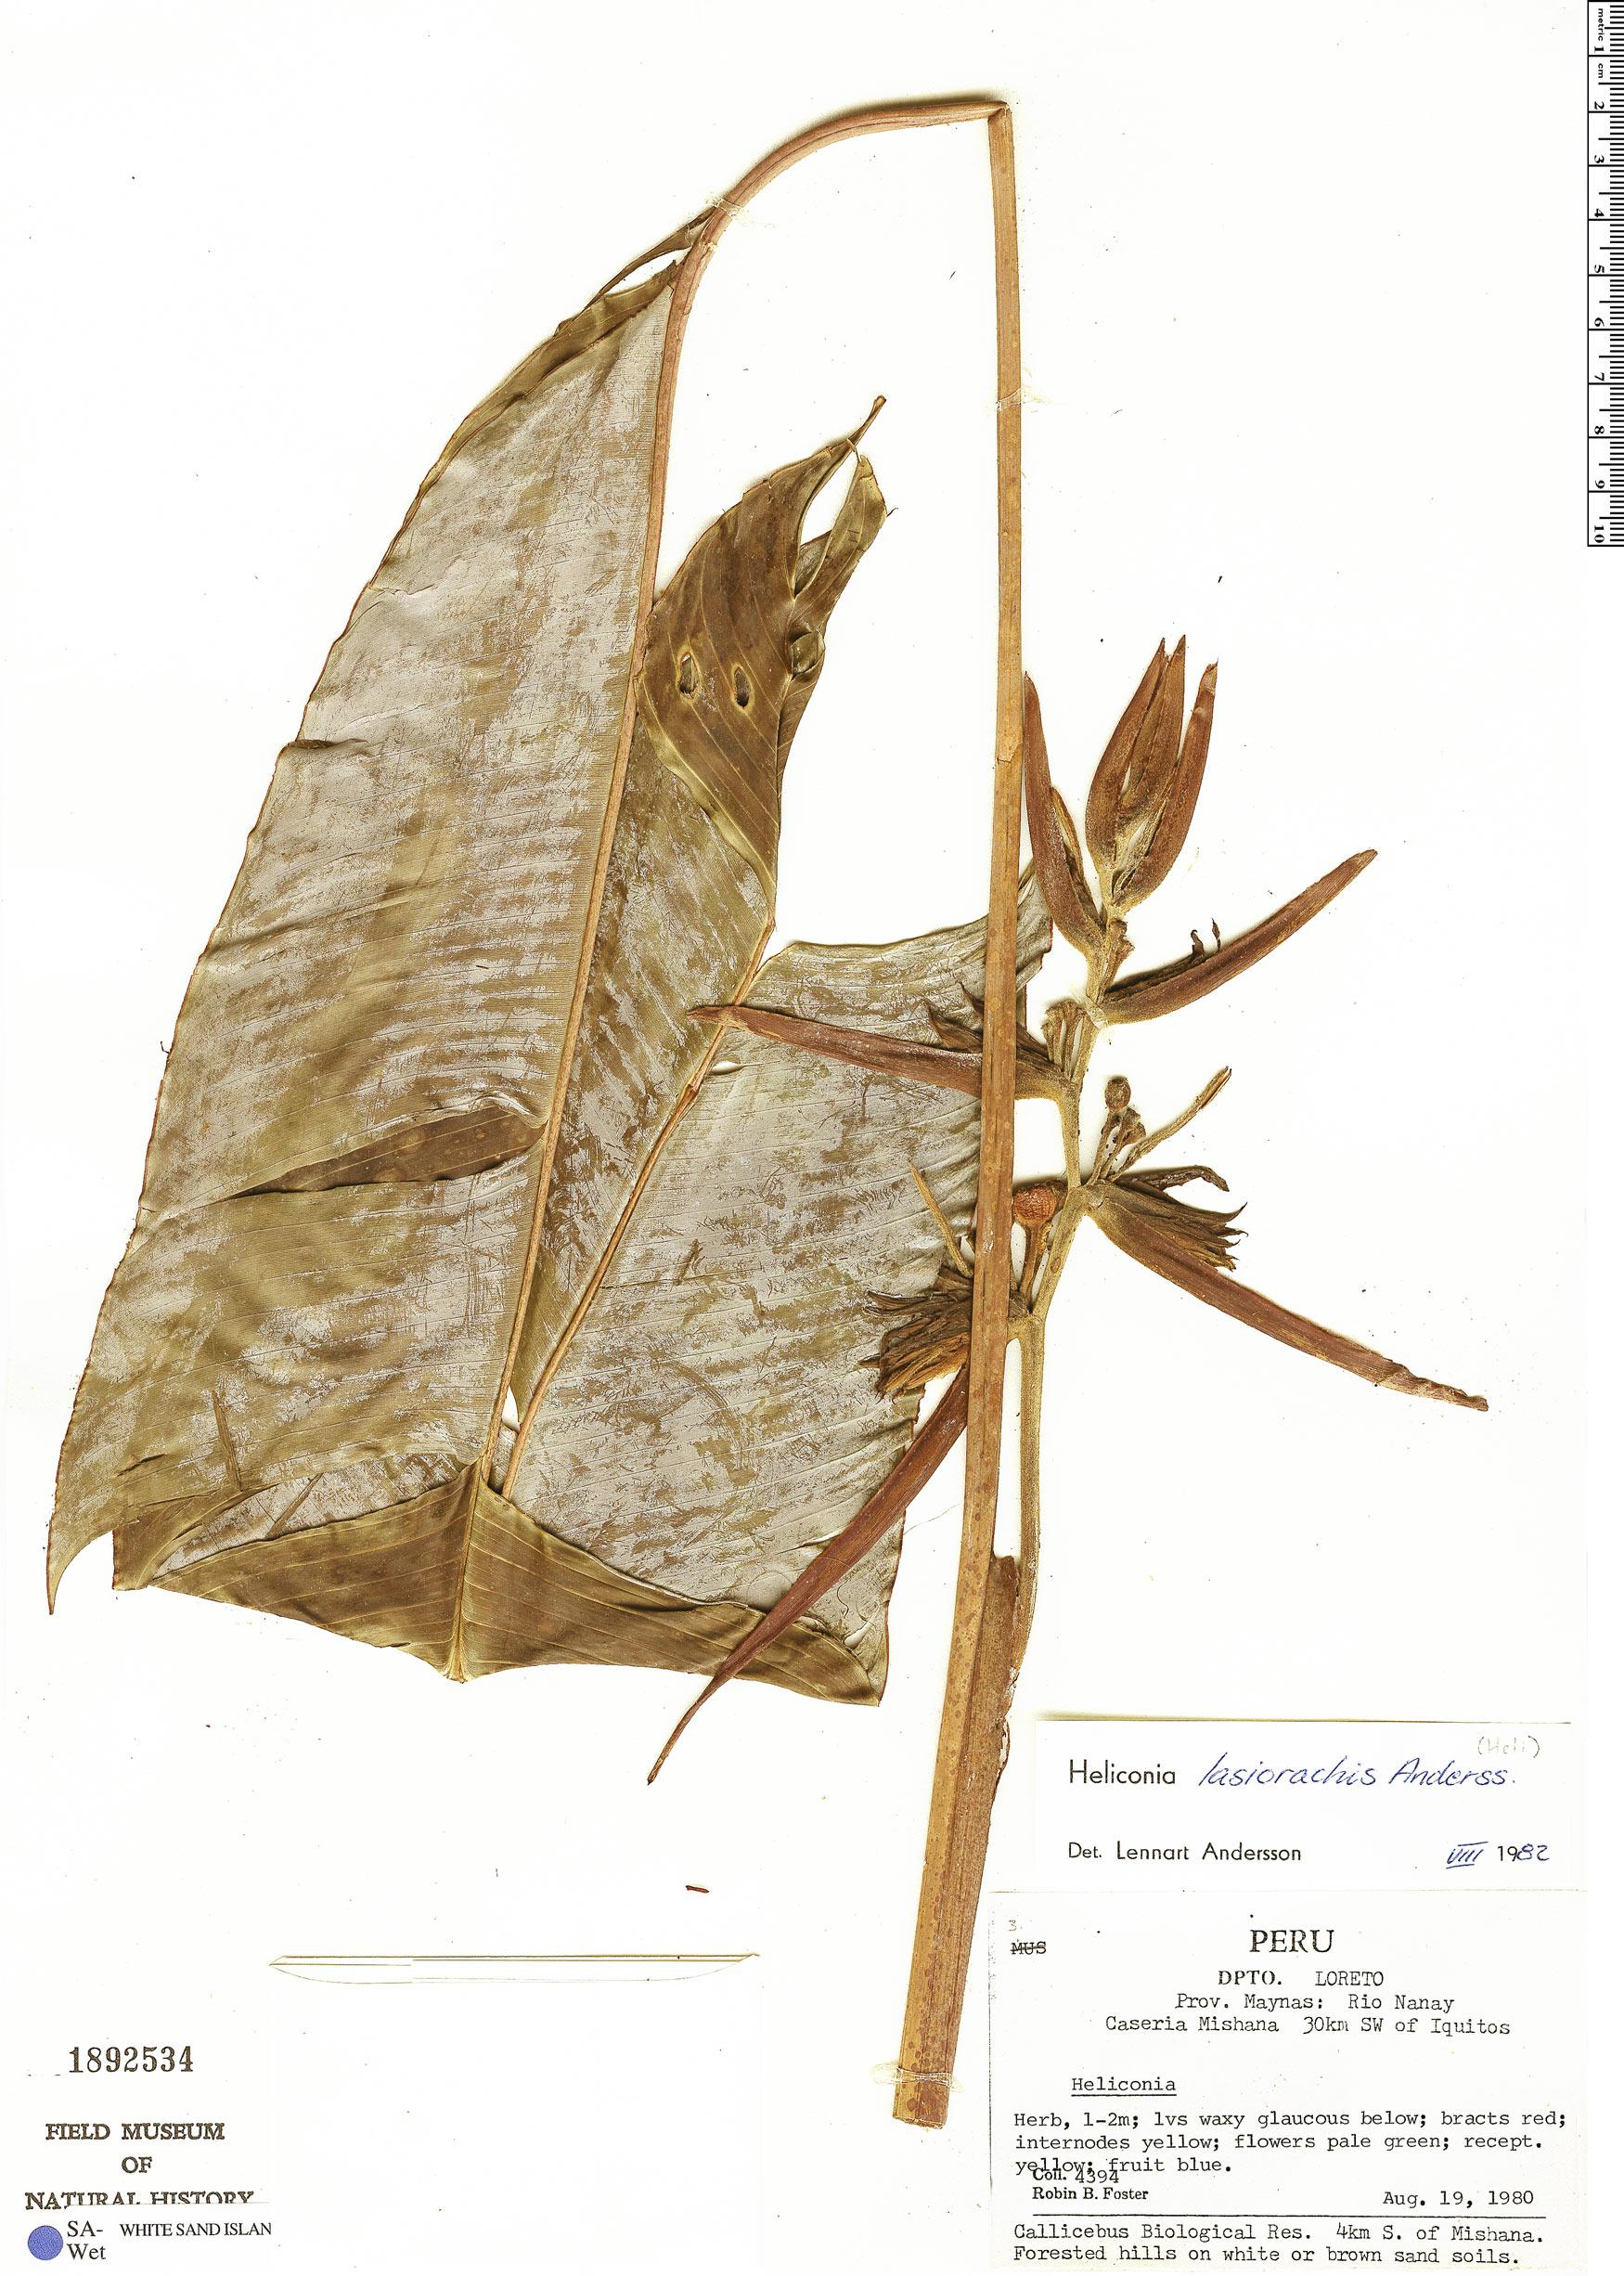 Specimen: Heliconia lasiorachis